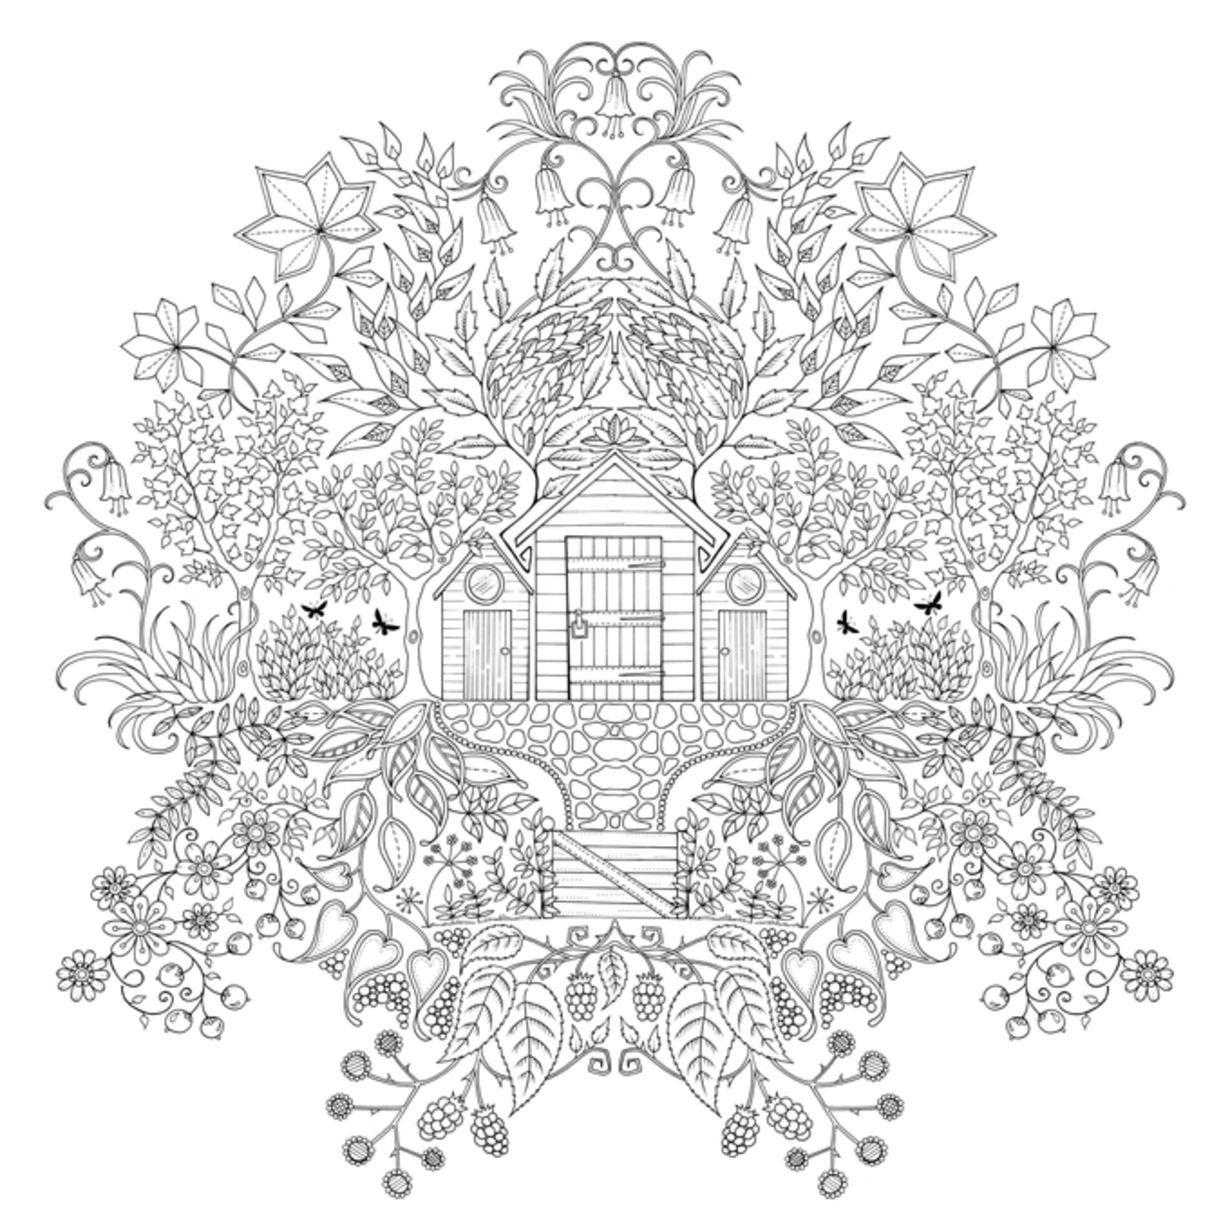 pin von julia julia auf colorings | pinterest | vorlagen